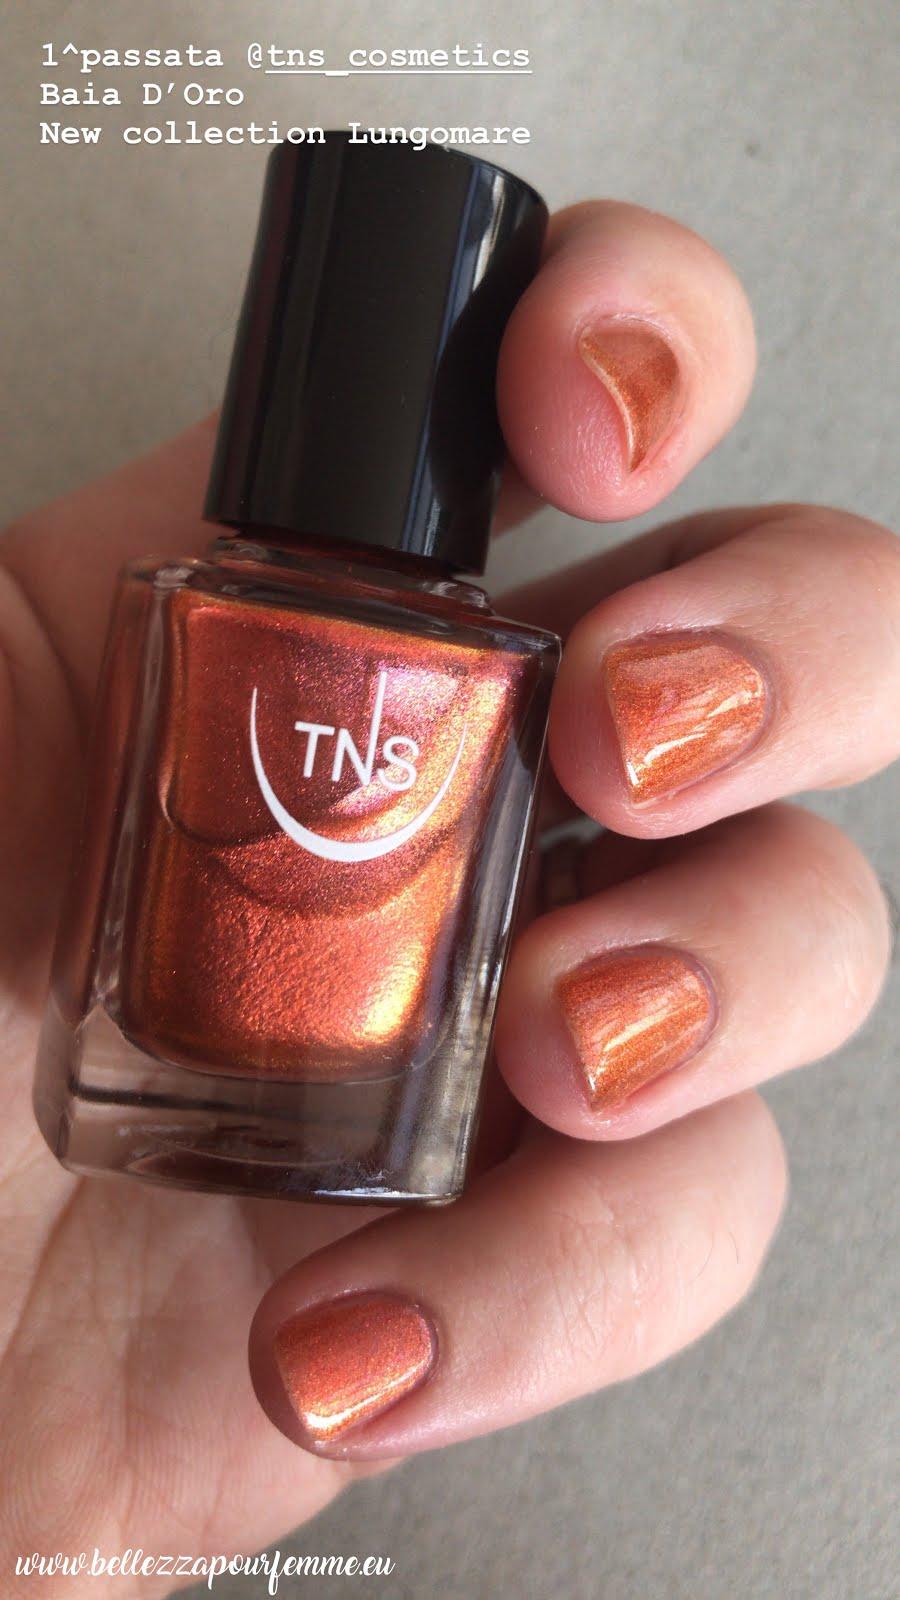 1 applicazione TNS Cosmetics SS 2018 Lungomare smalto Baia D'Oro